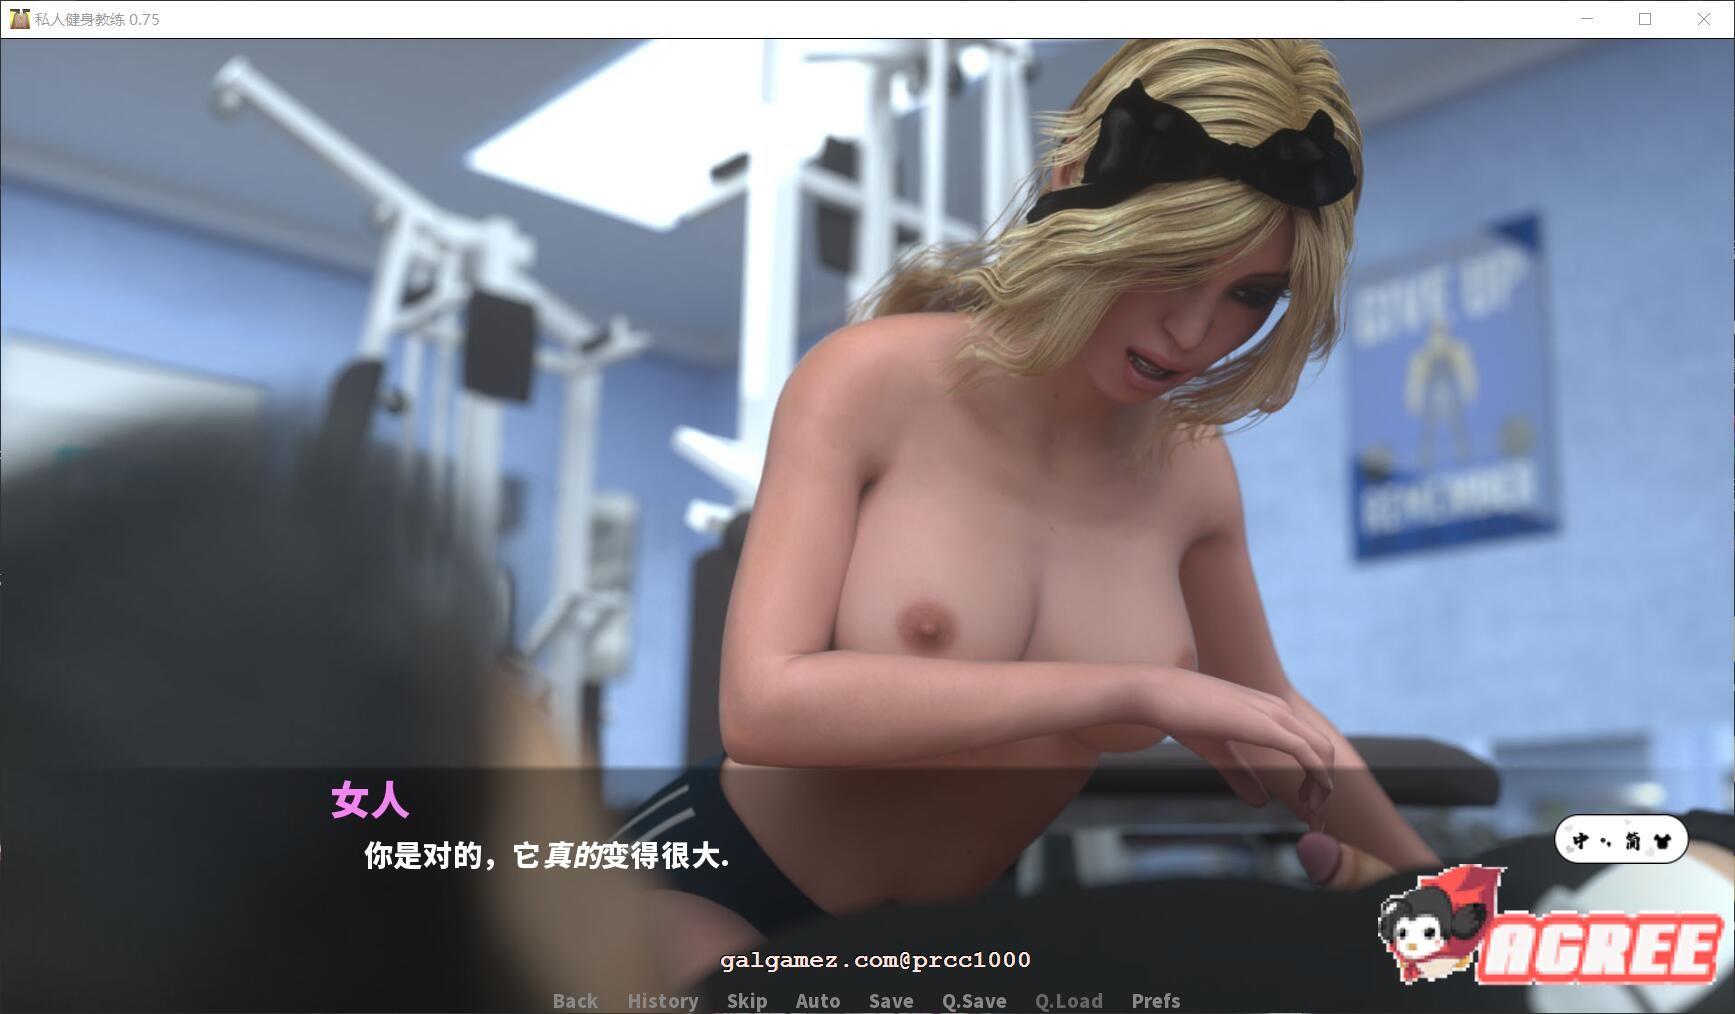 【欧美SLG汉化动态CG】私人健身教练 V0.75 山之岚精翻汉化版【1.1G】 14